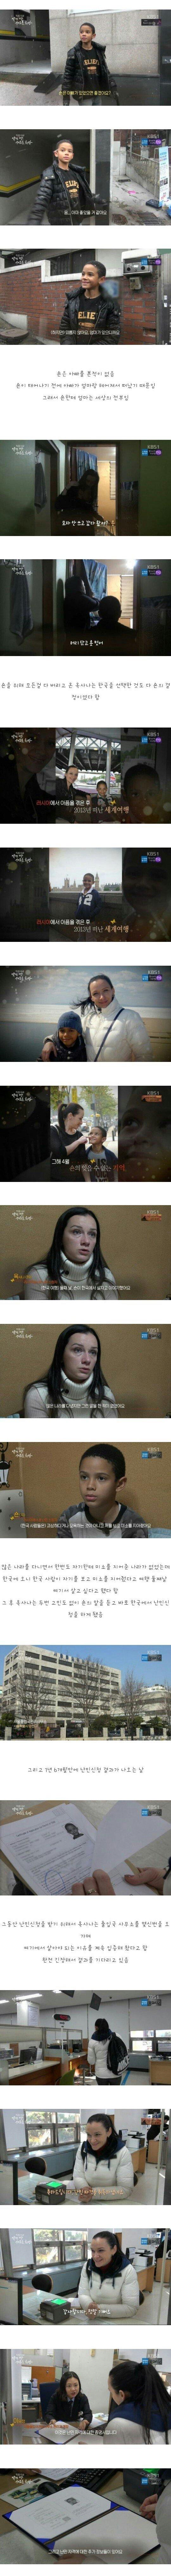 003.jpg 인종차별 때문에 러시아에서 한국으로 온 모자